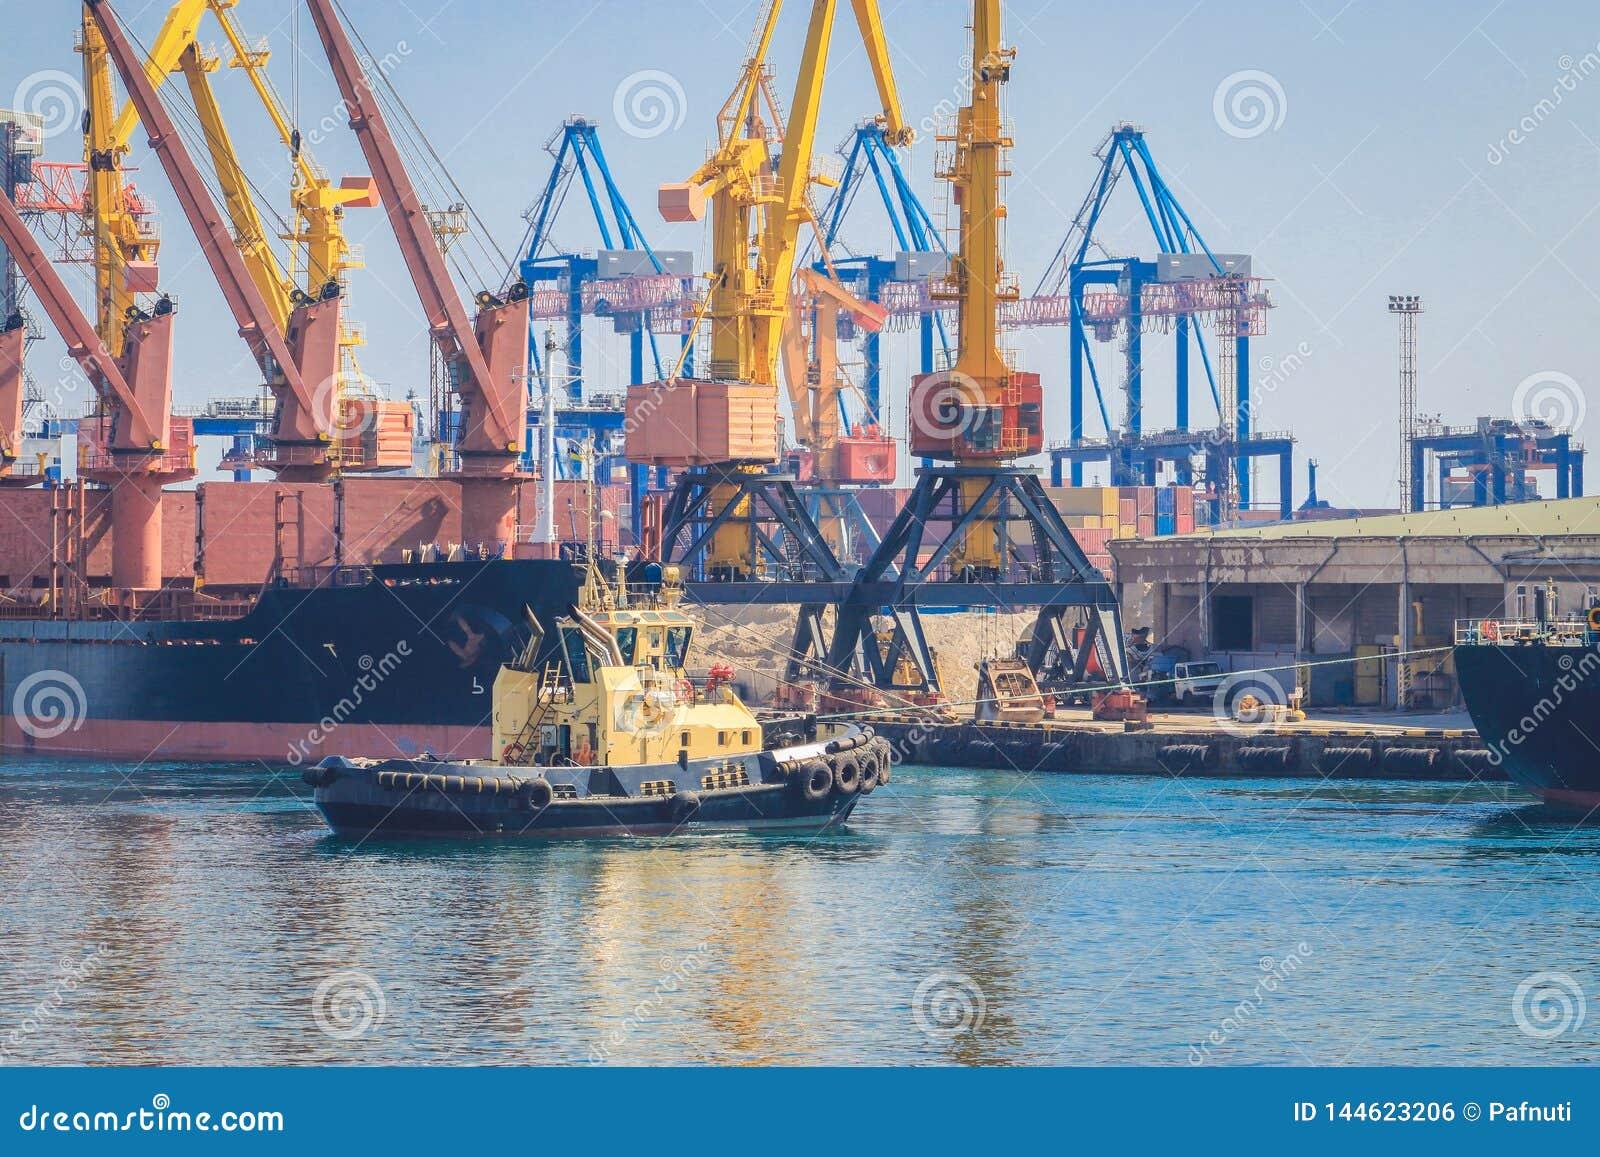 在货船弓的拖轮,协助船在海港操纵